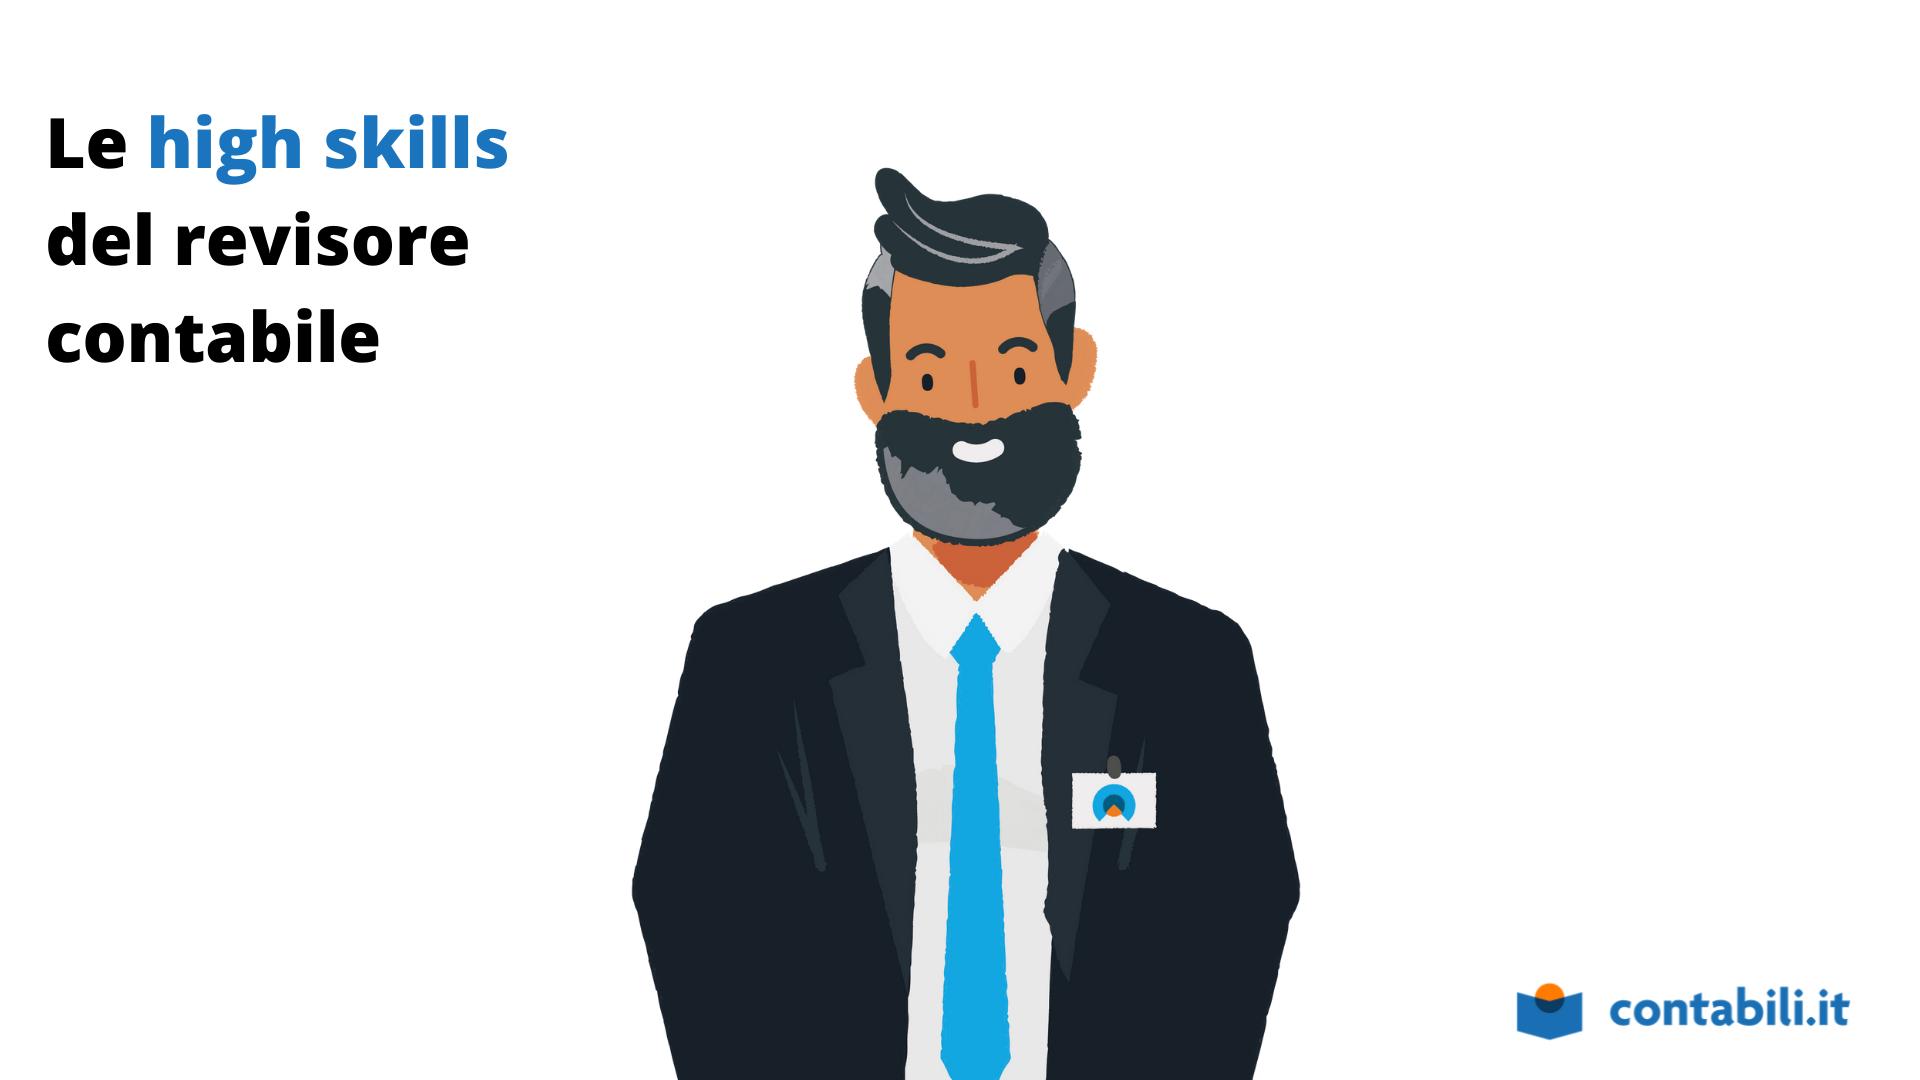 Le high skill del revisore contabile